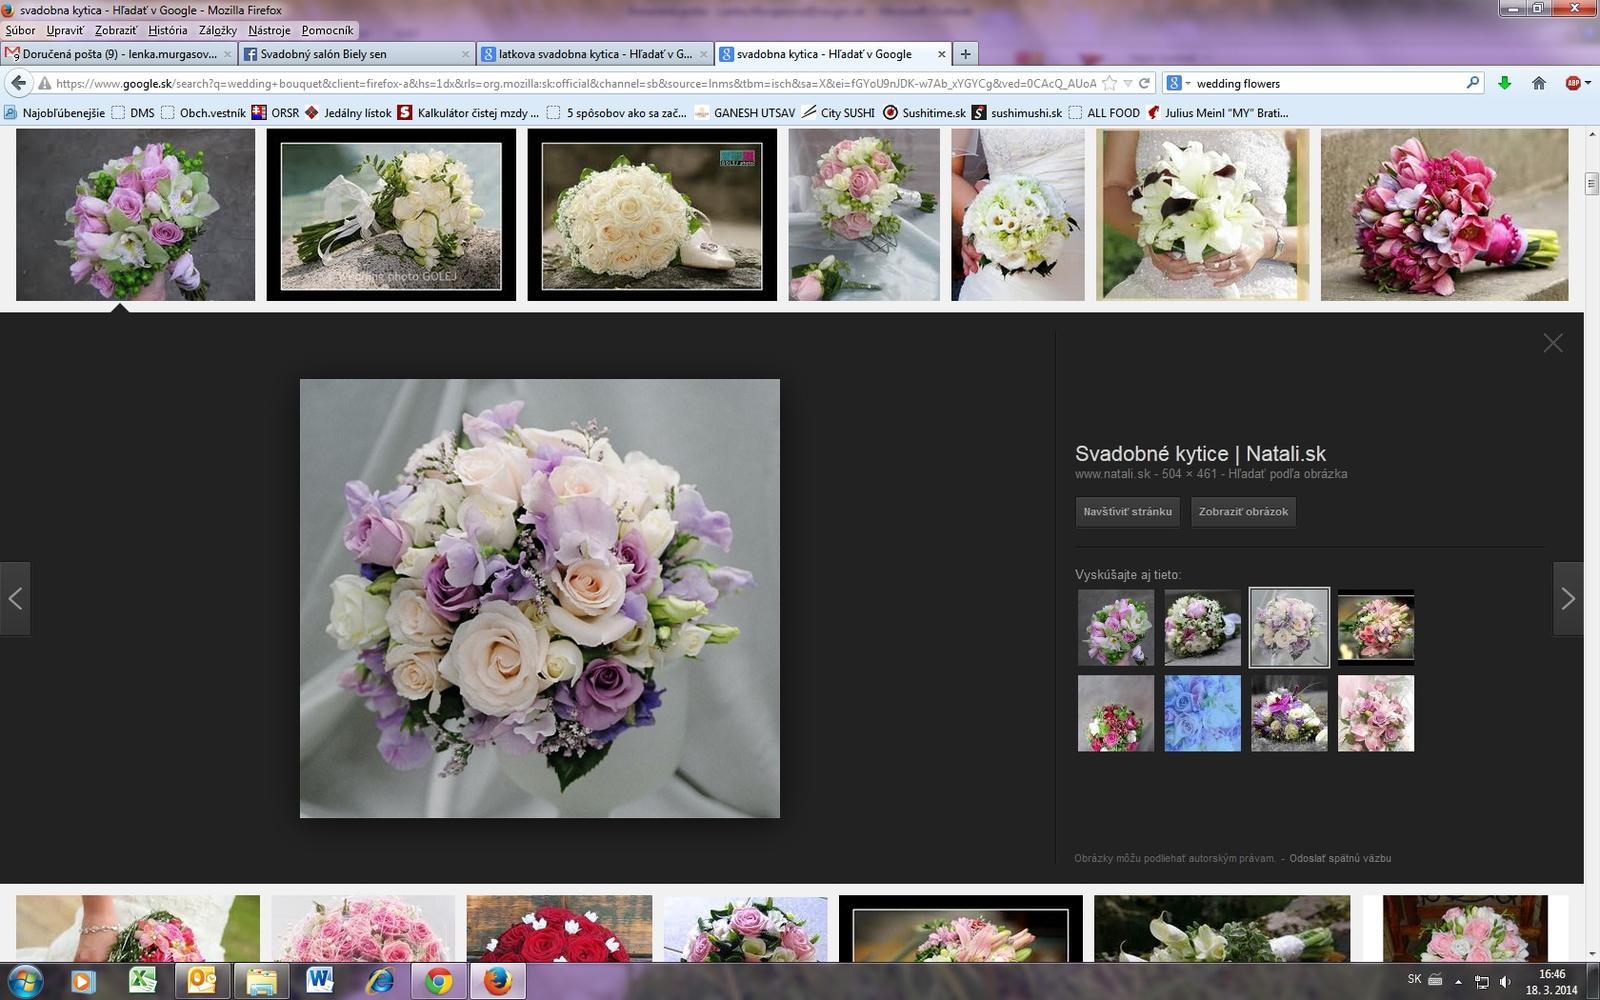 ahojte viete odporucit kvetinarstvo... - Obrázok č. 1